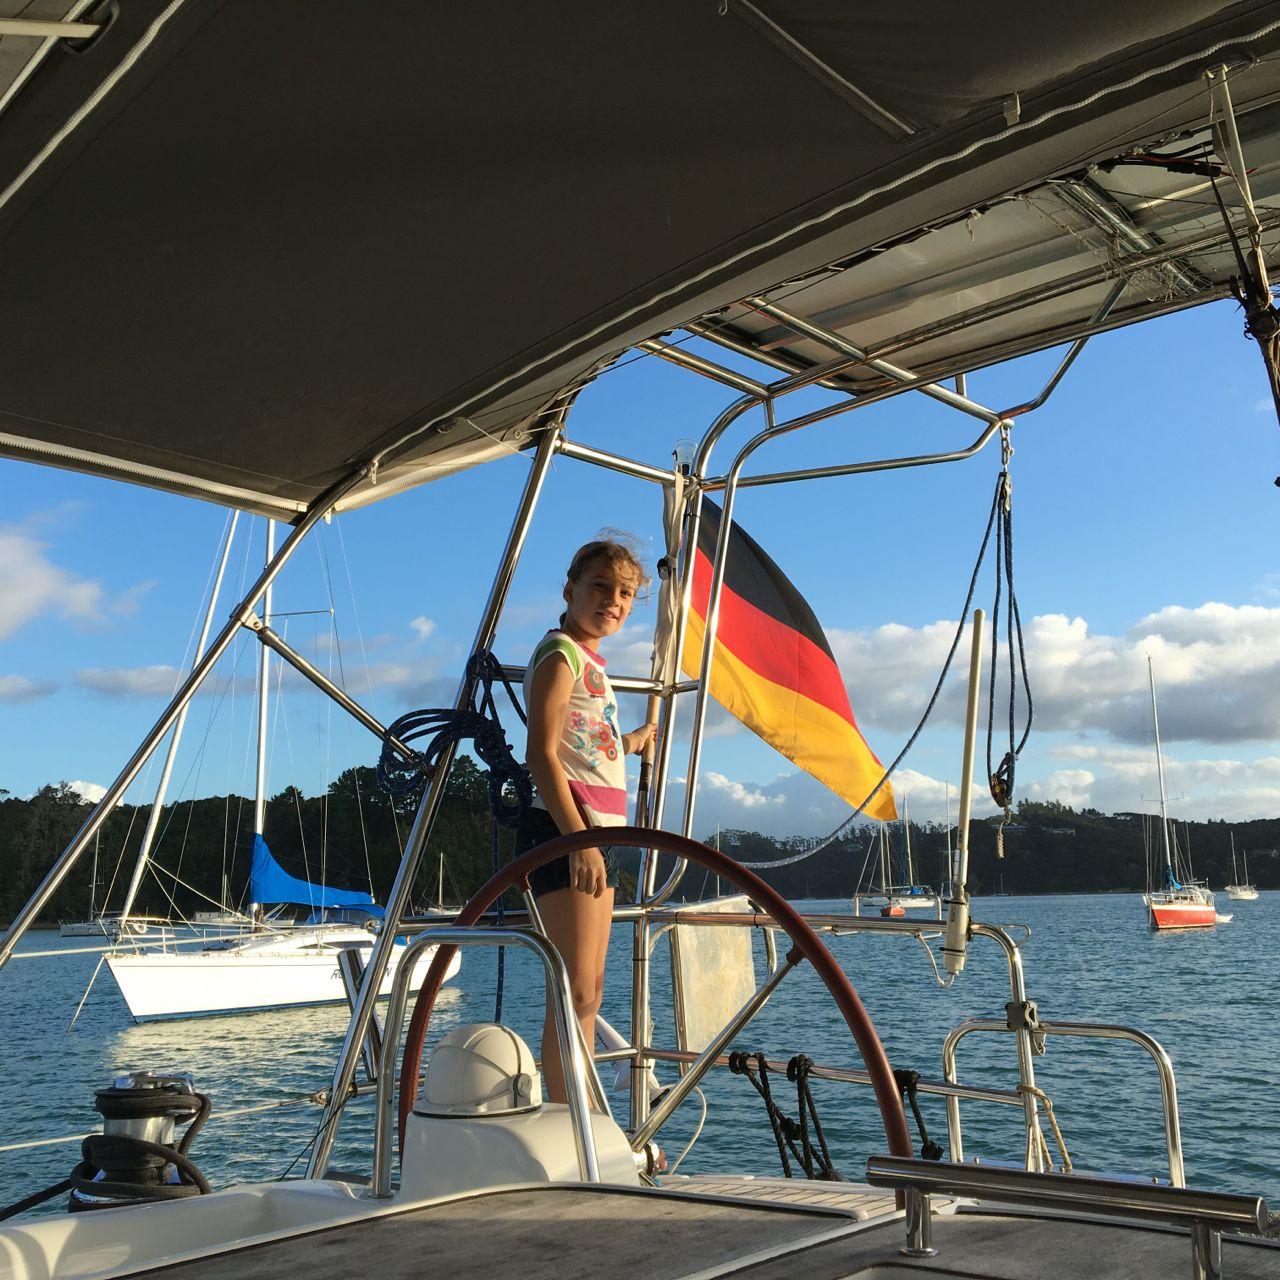 Unsere arg gebeutelte Deutschlandflagge wurde auf der hapa na sasa ersetzt.